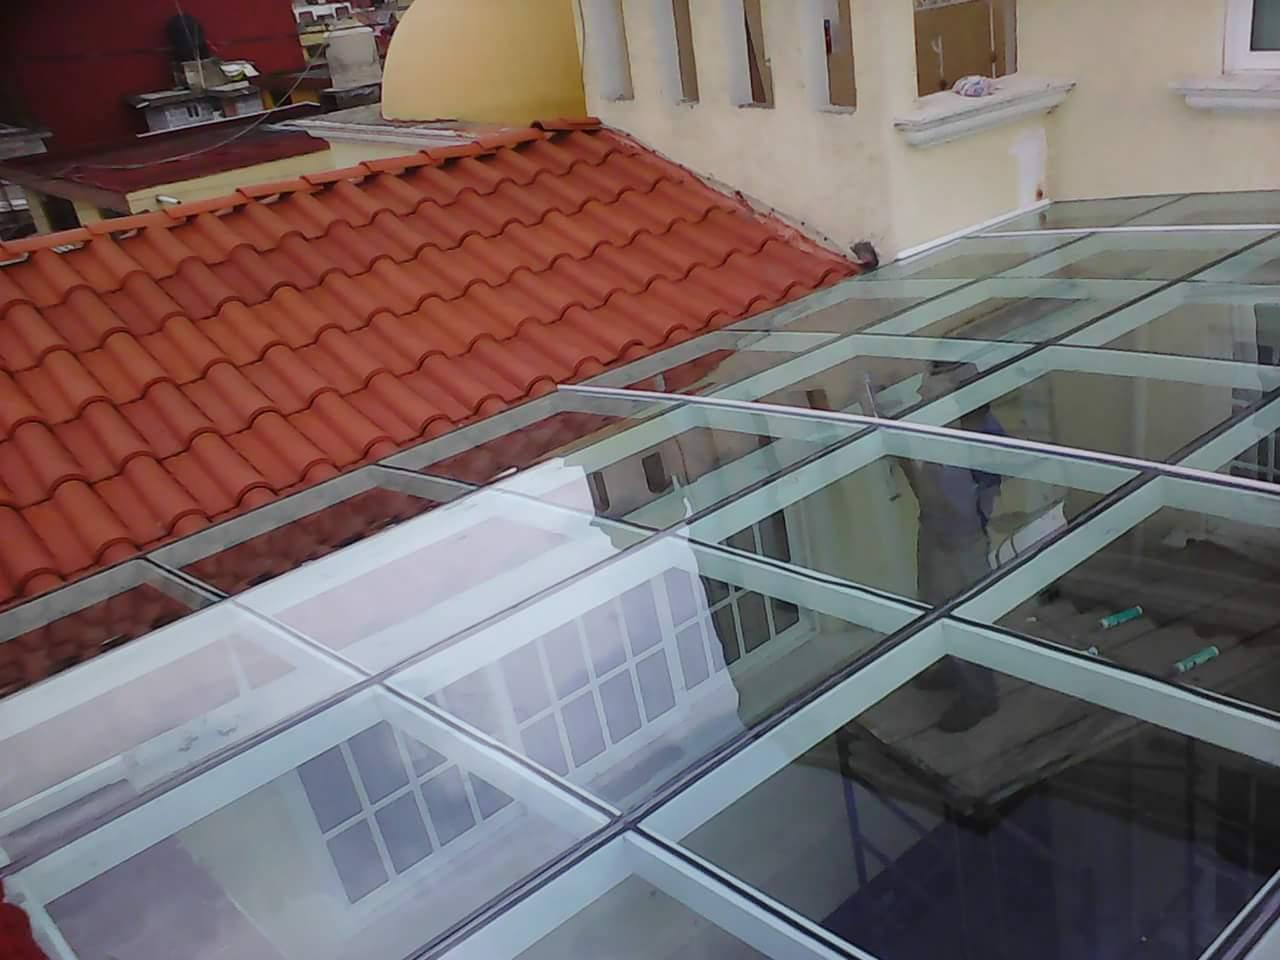 Puertas y ventanas en aluminio Toluca Metepec